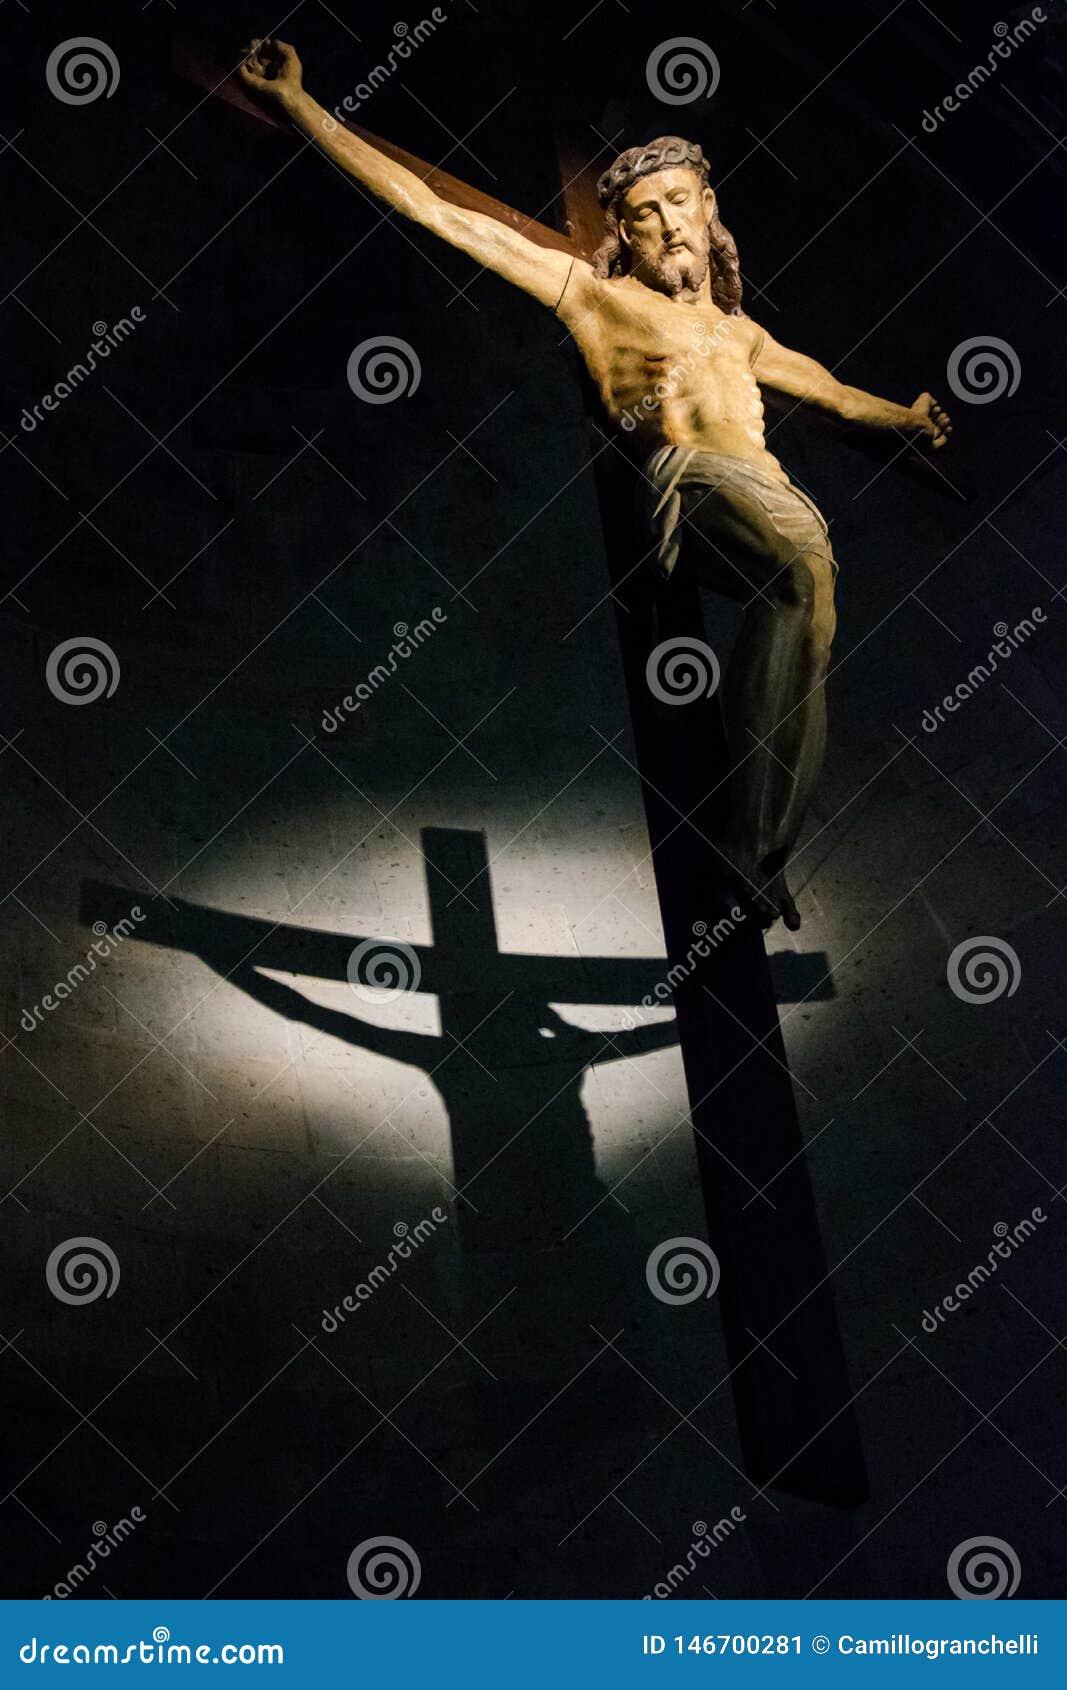 Παλαιό ξύλινο crucifix που φωτίζεται μέσα σε μια ιστορική ιταλική εκκλησία με τη σκιά που πετιέται στον τοίχο